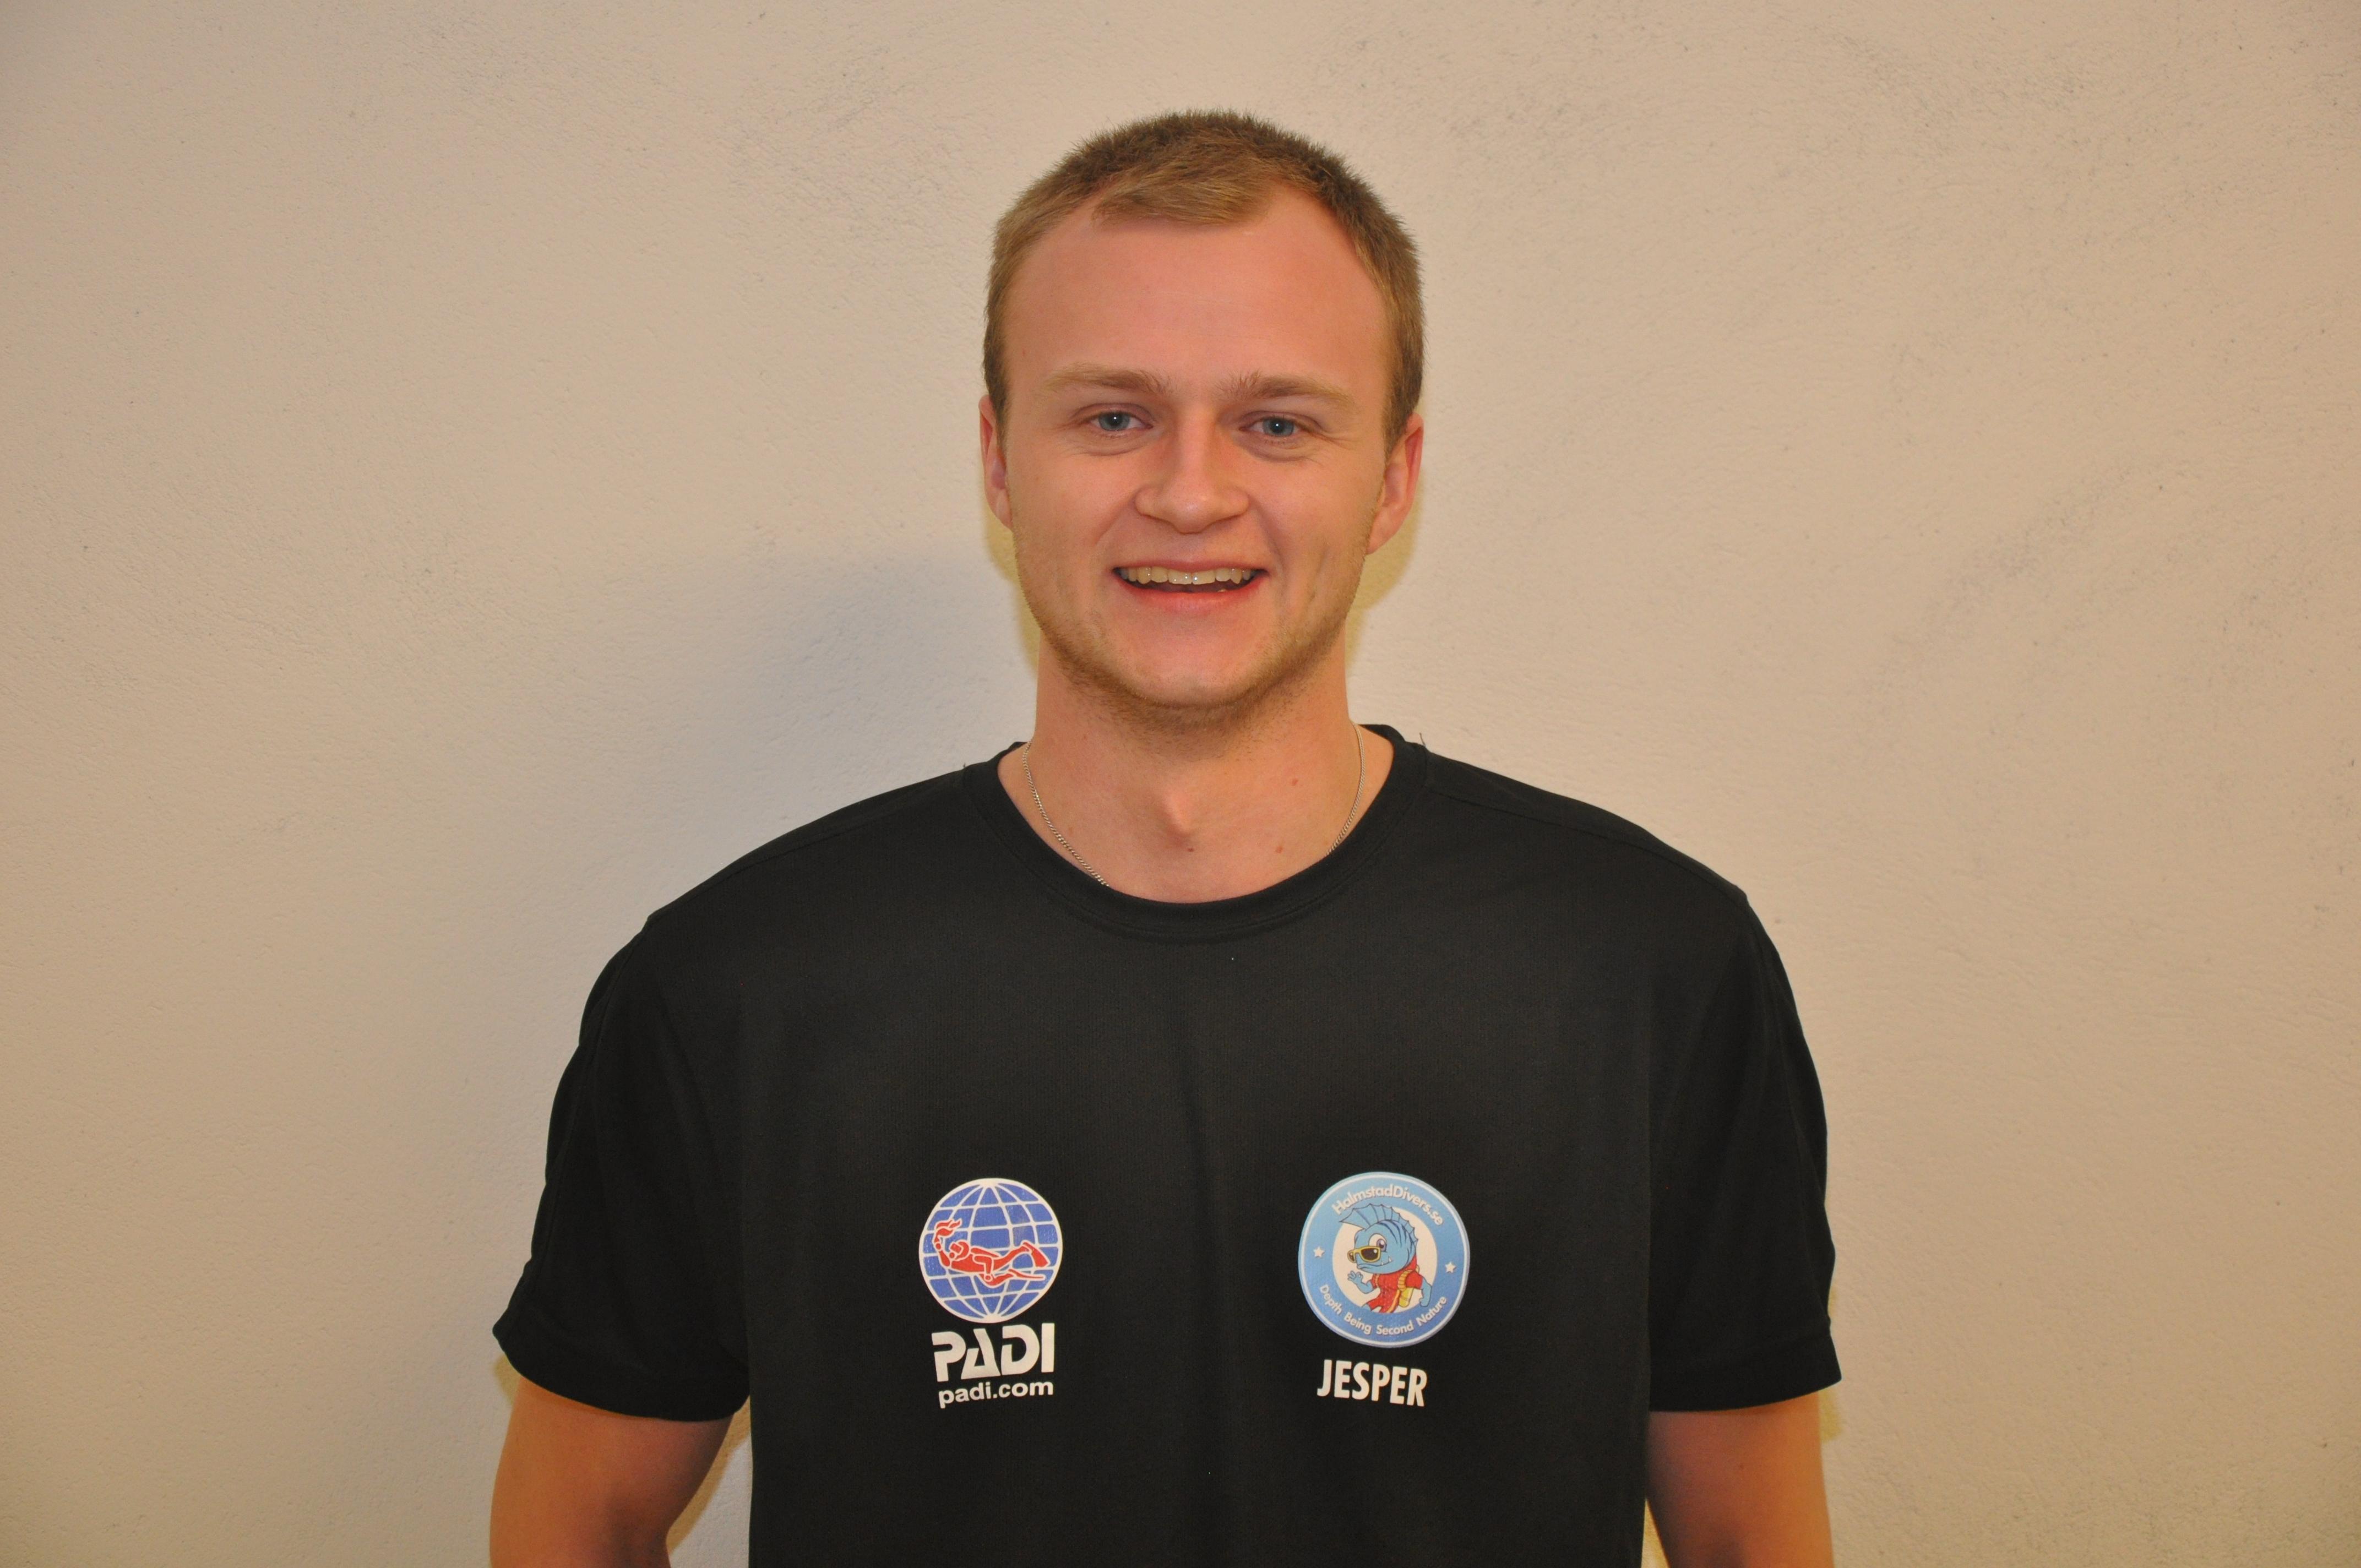 Picture of Jesper